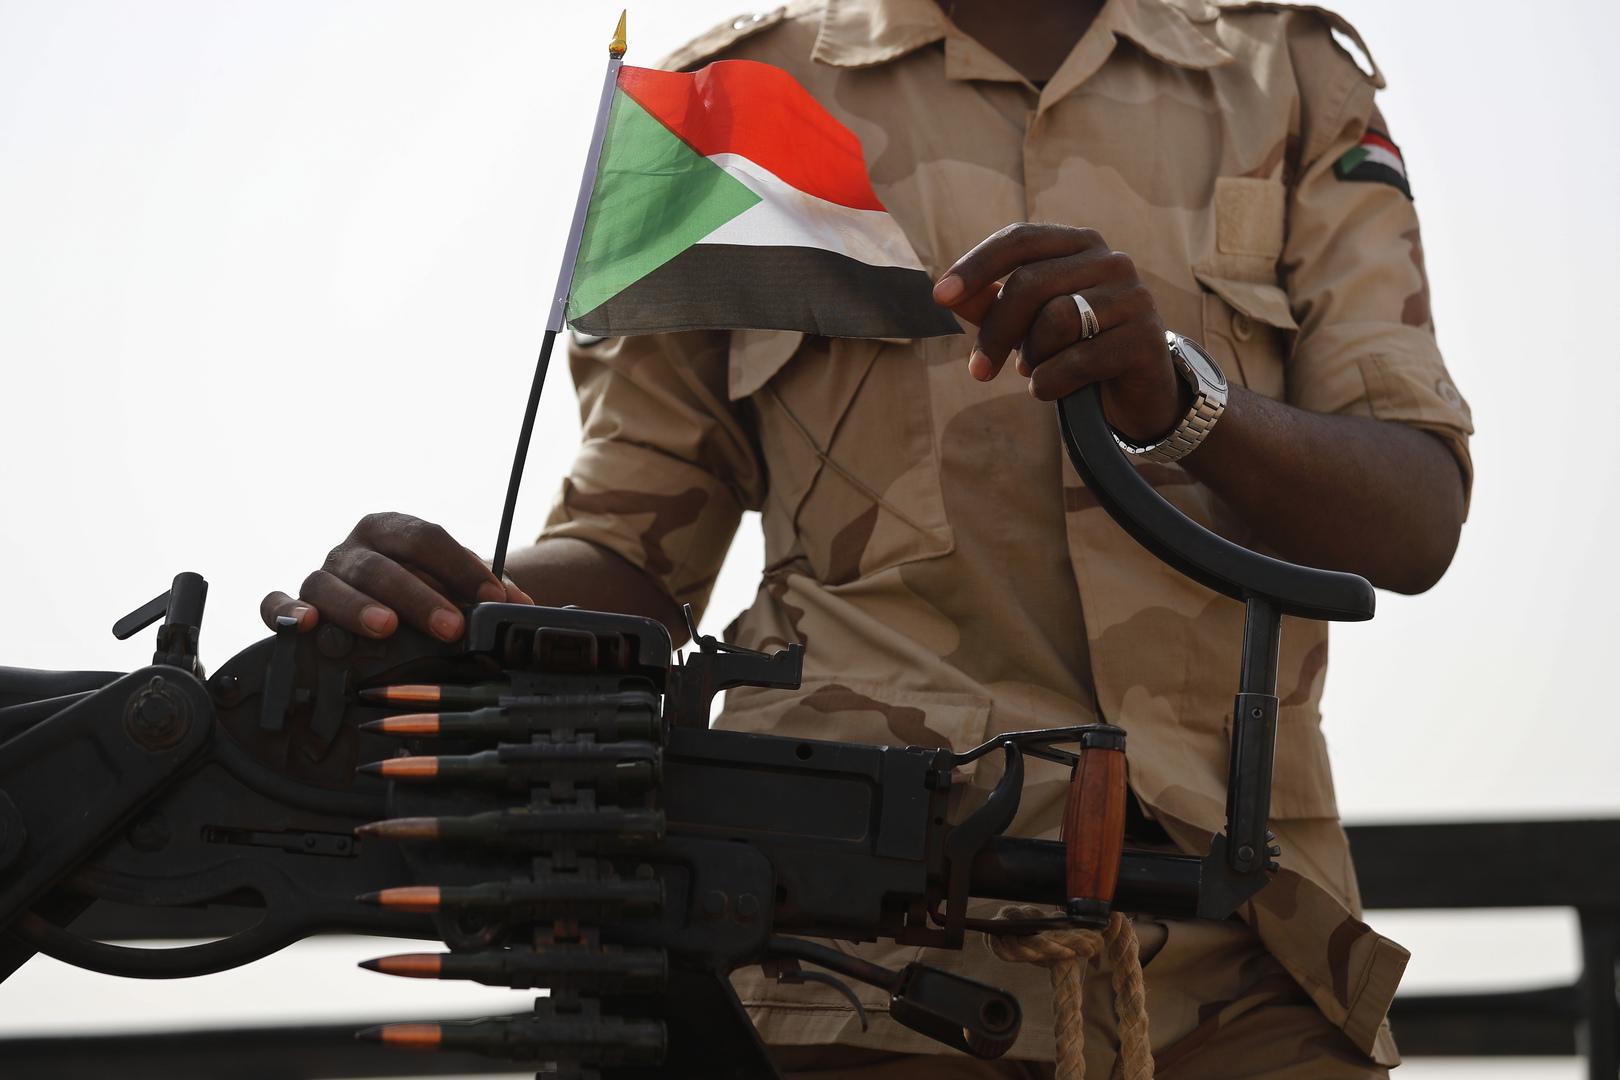 السودان يعلن ضبط شحنة أسلحة وذخائر ومتفجرات قادمة من ليبيا